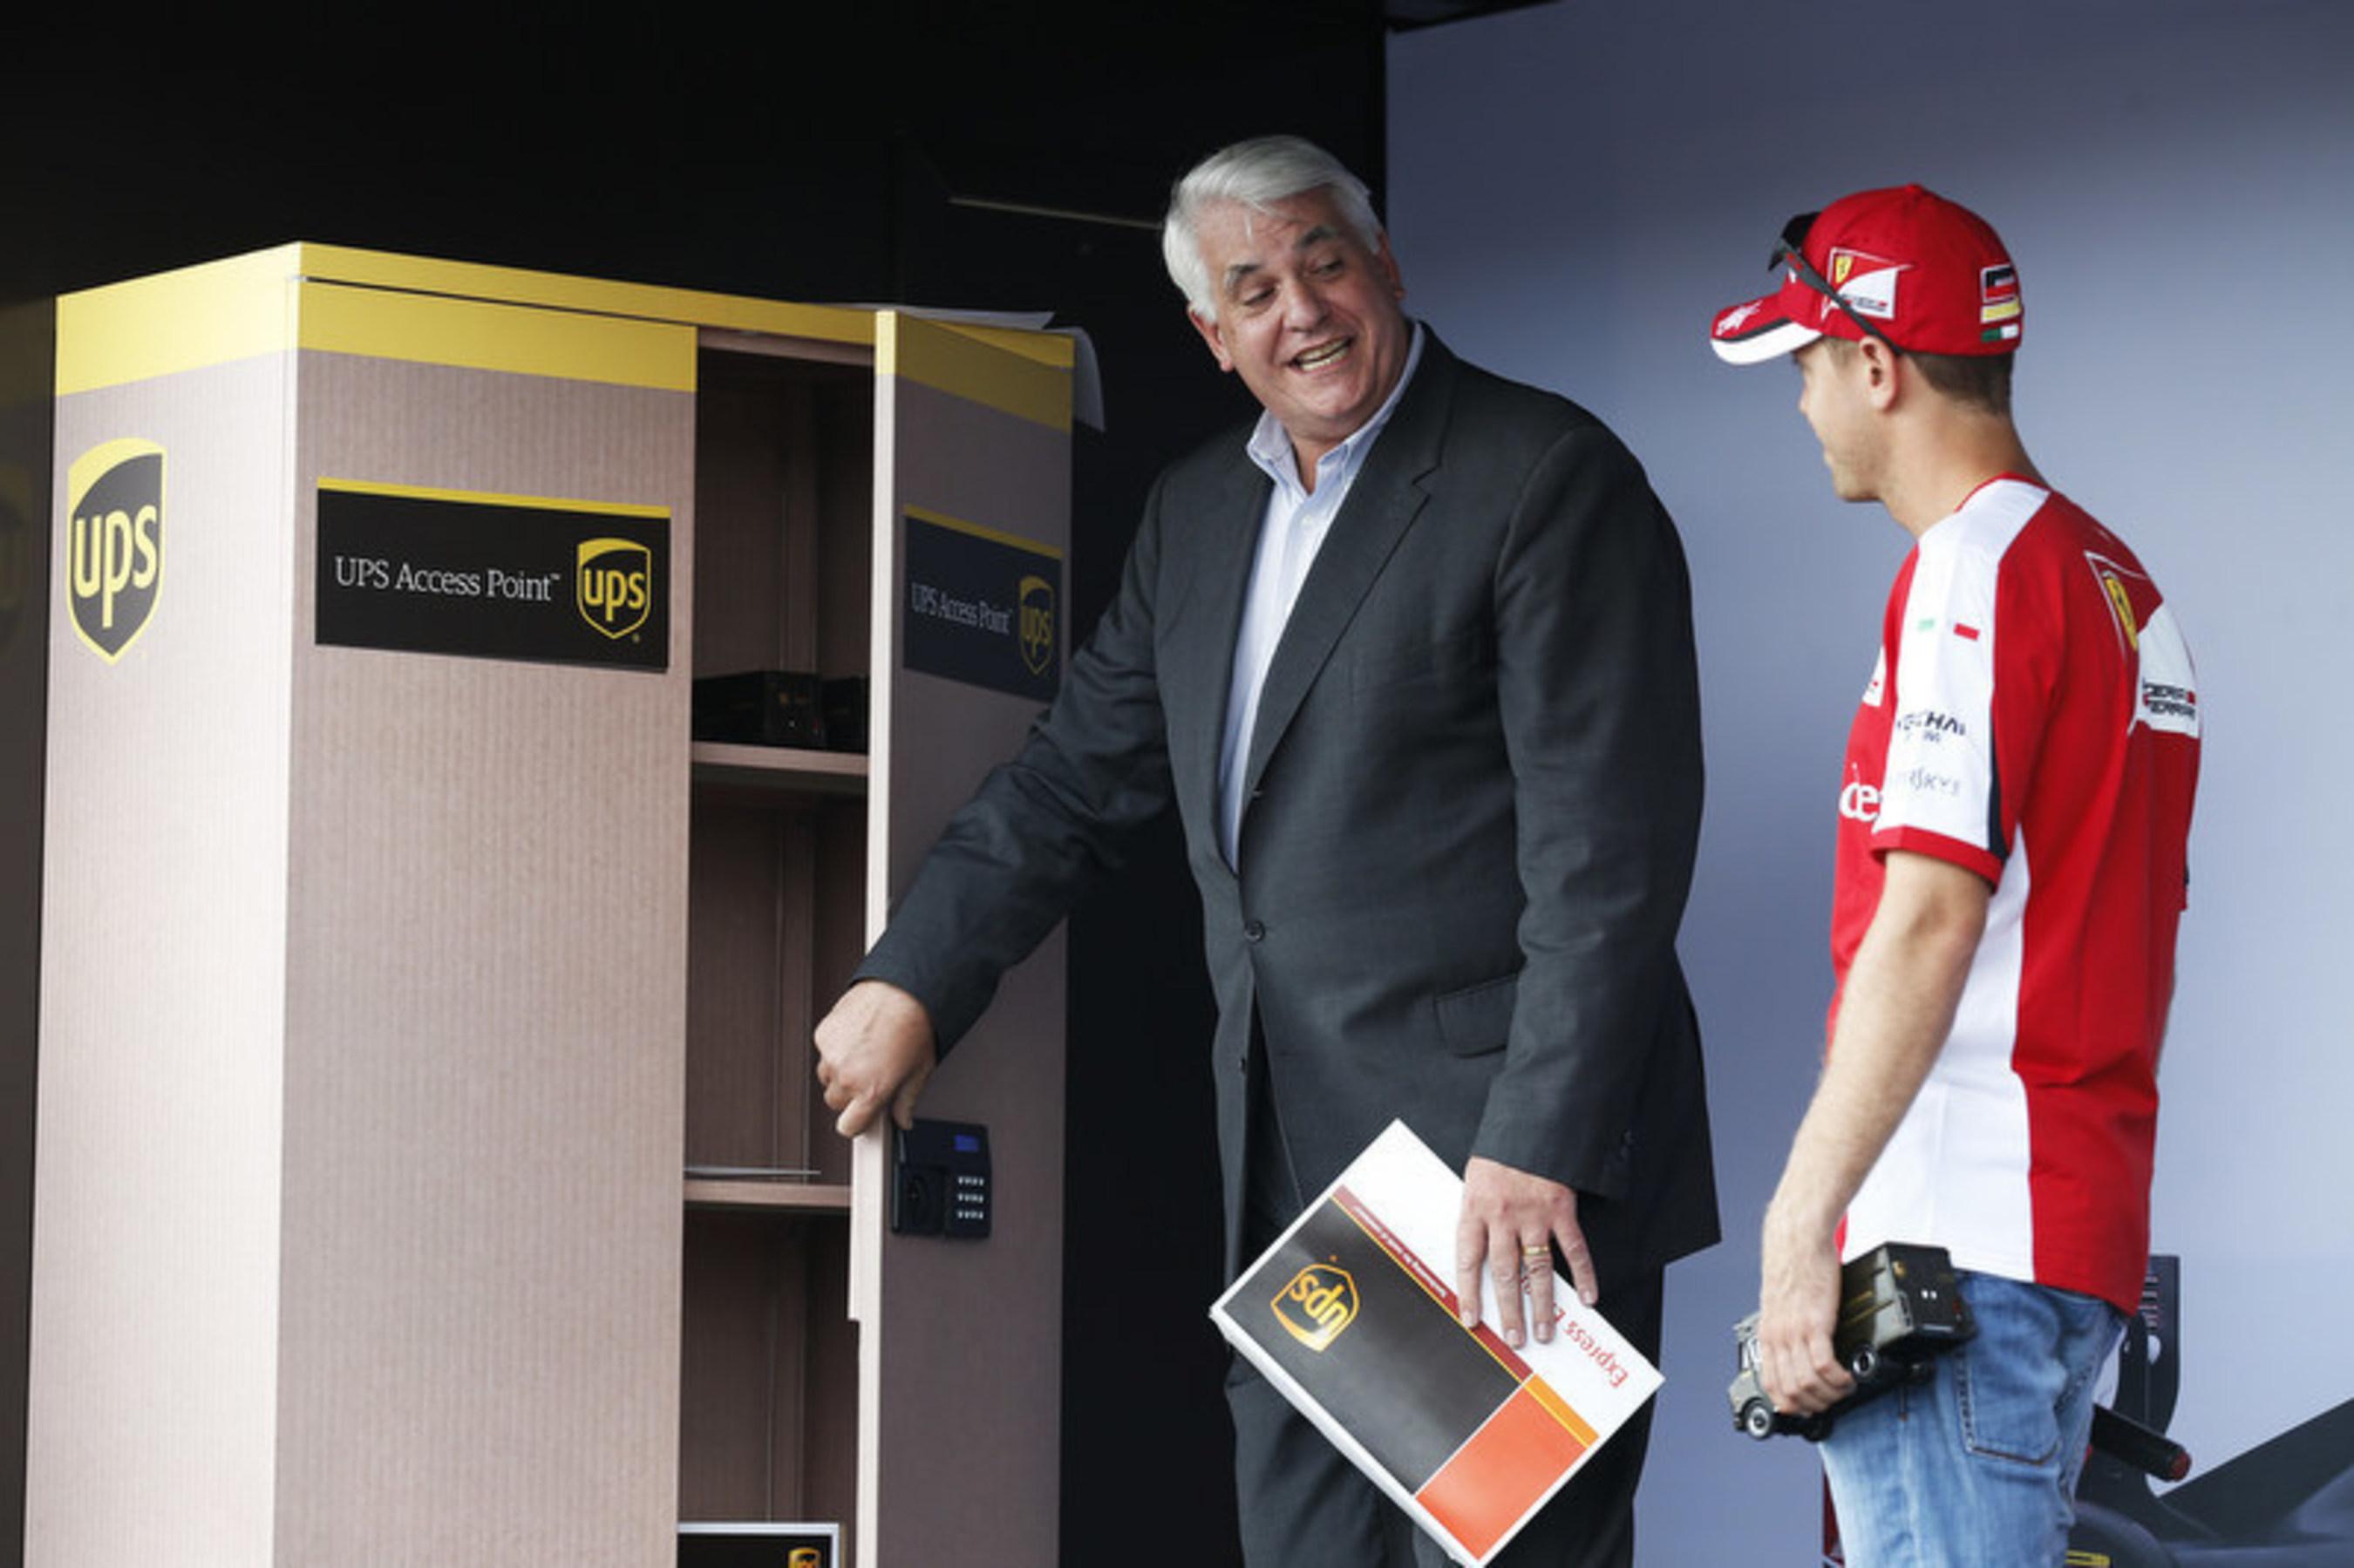 UPS organiza uma retirada de pacote especial em um UPS Access Point para o piloto Sebastian Vettel,